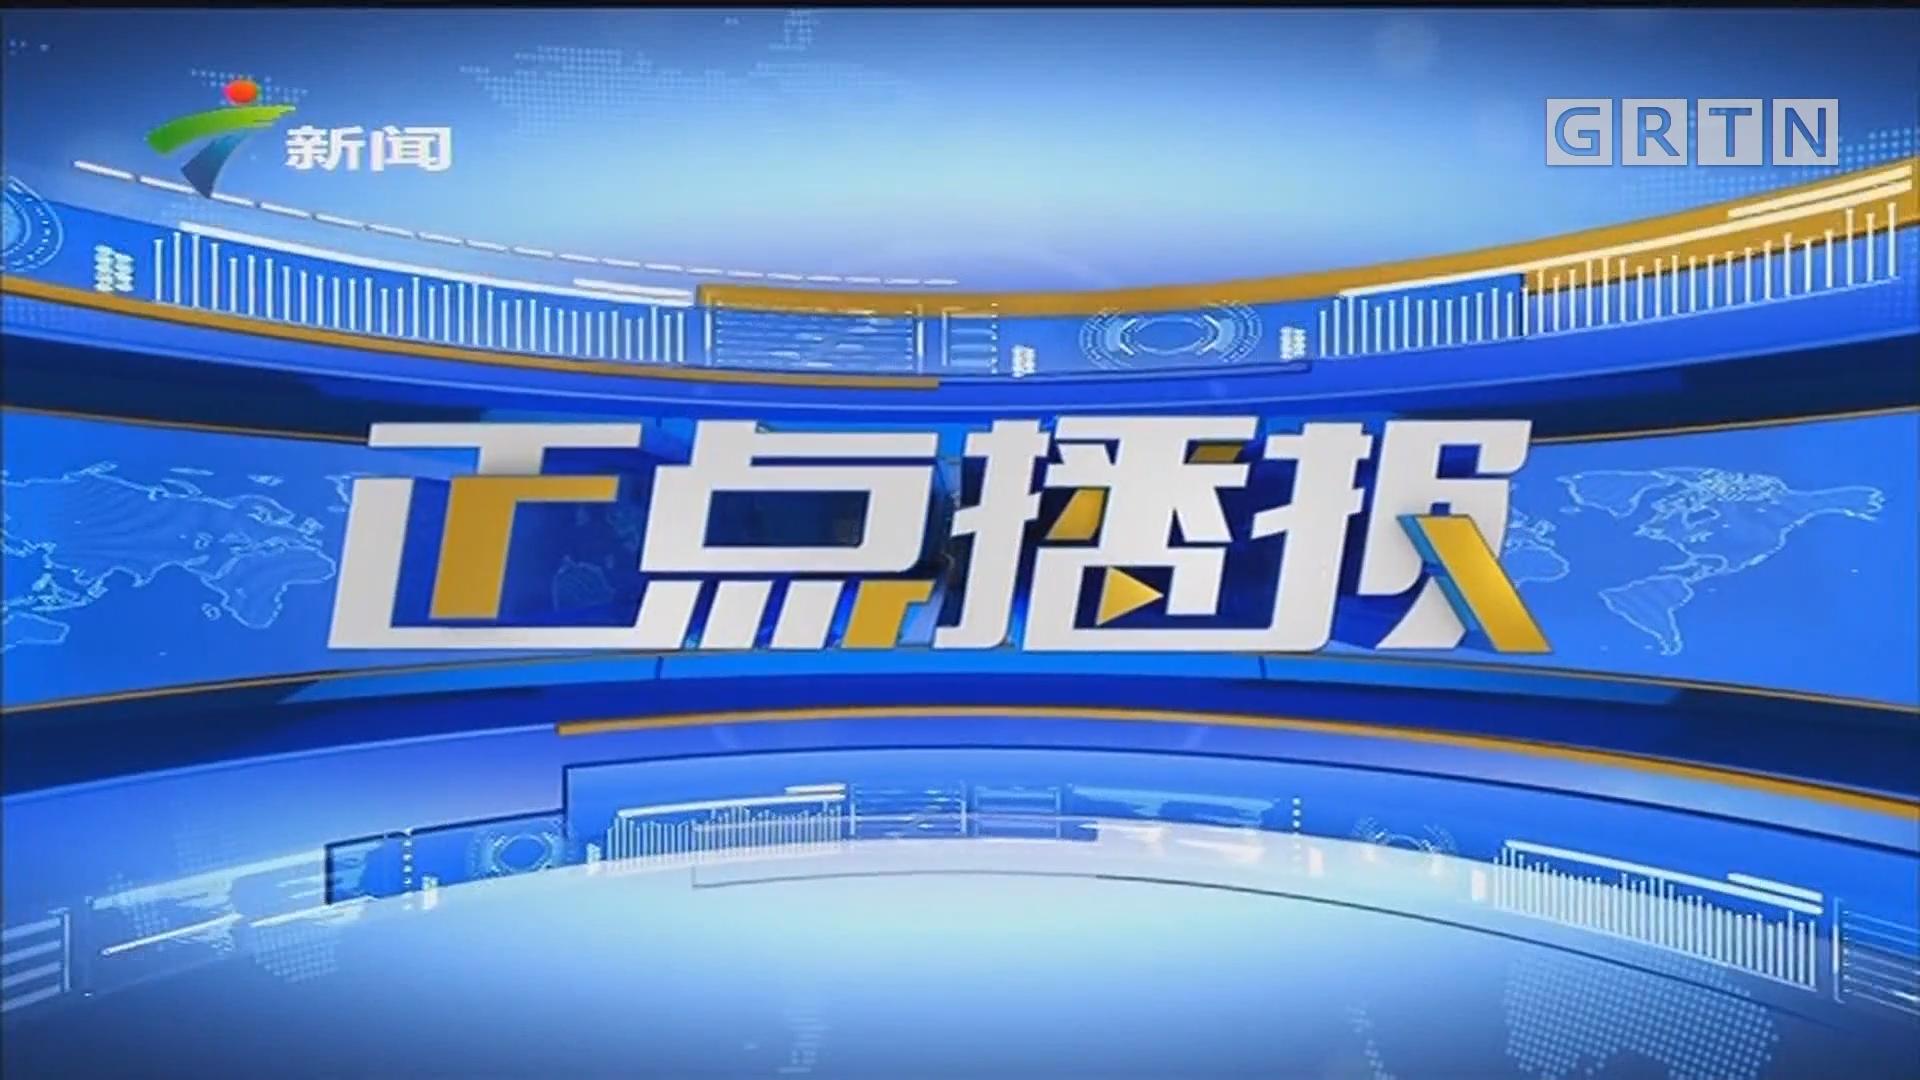 [HD][2019-07-30]正点播报:70年数据见证新中国伟大飞跃:全国固定资产投资年均增长15.6%